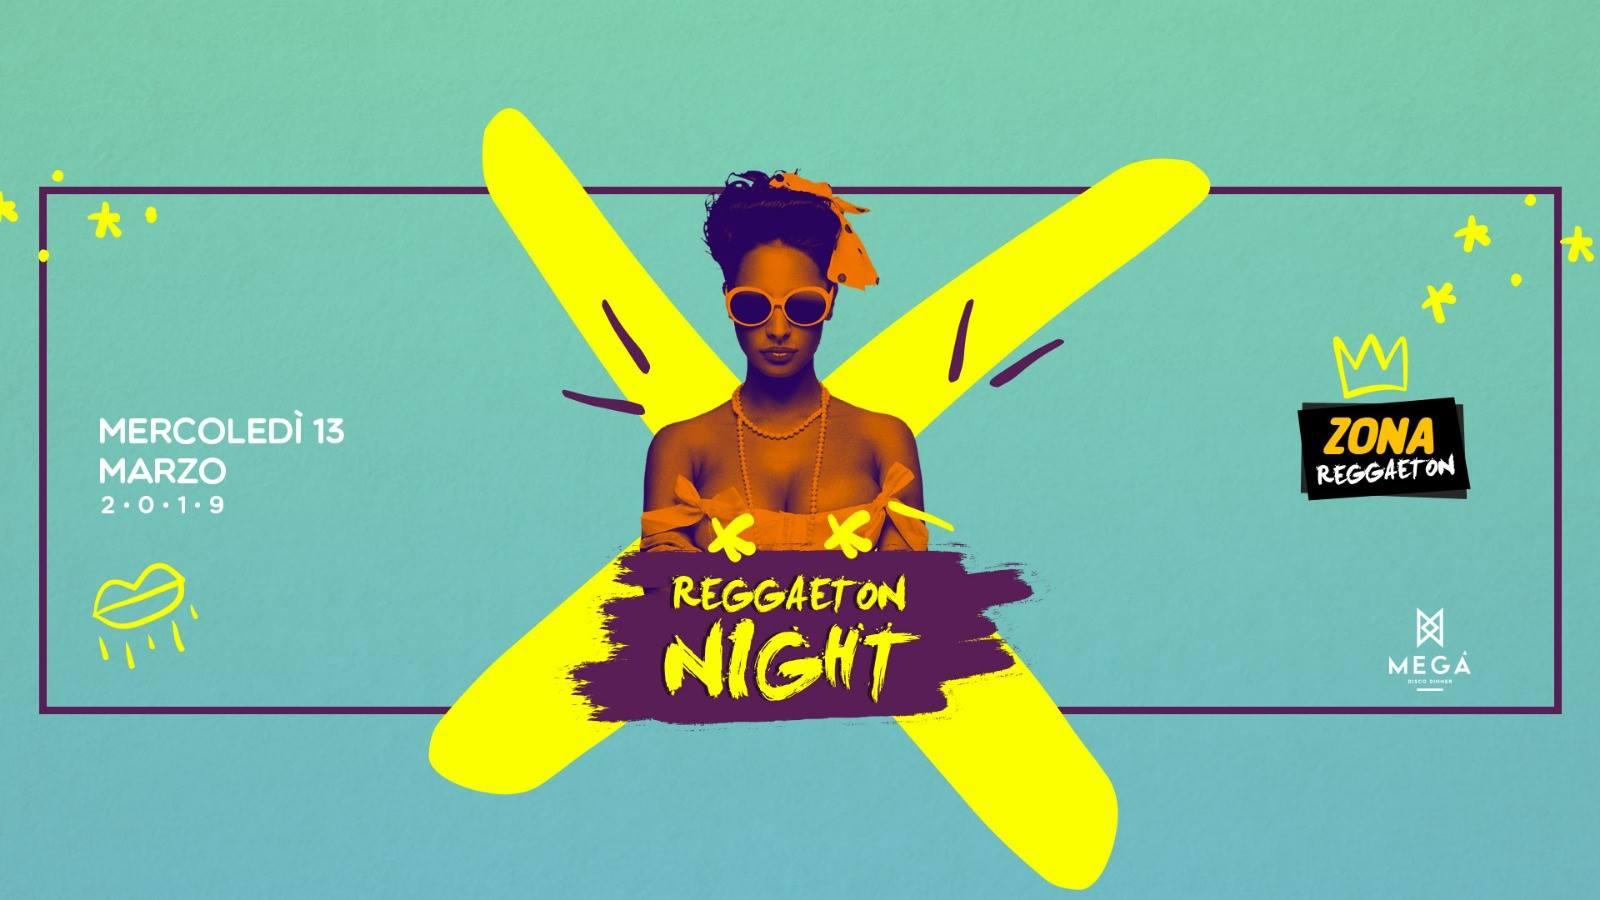 Zona Reggaeton Mega Disco Dinner Pescara